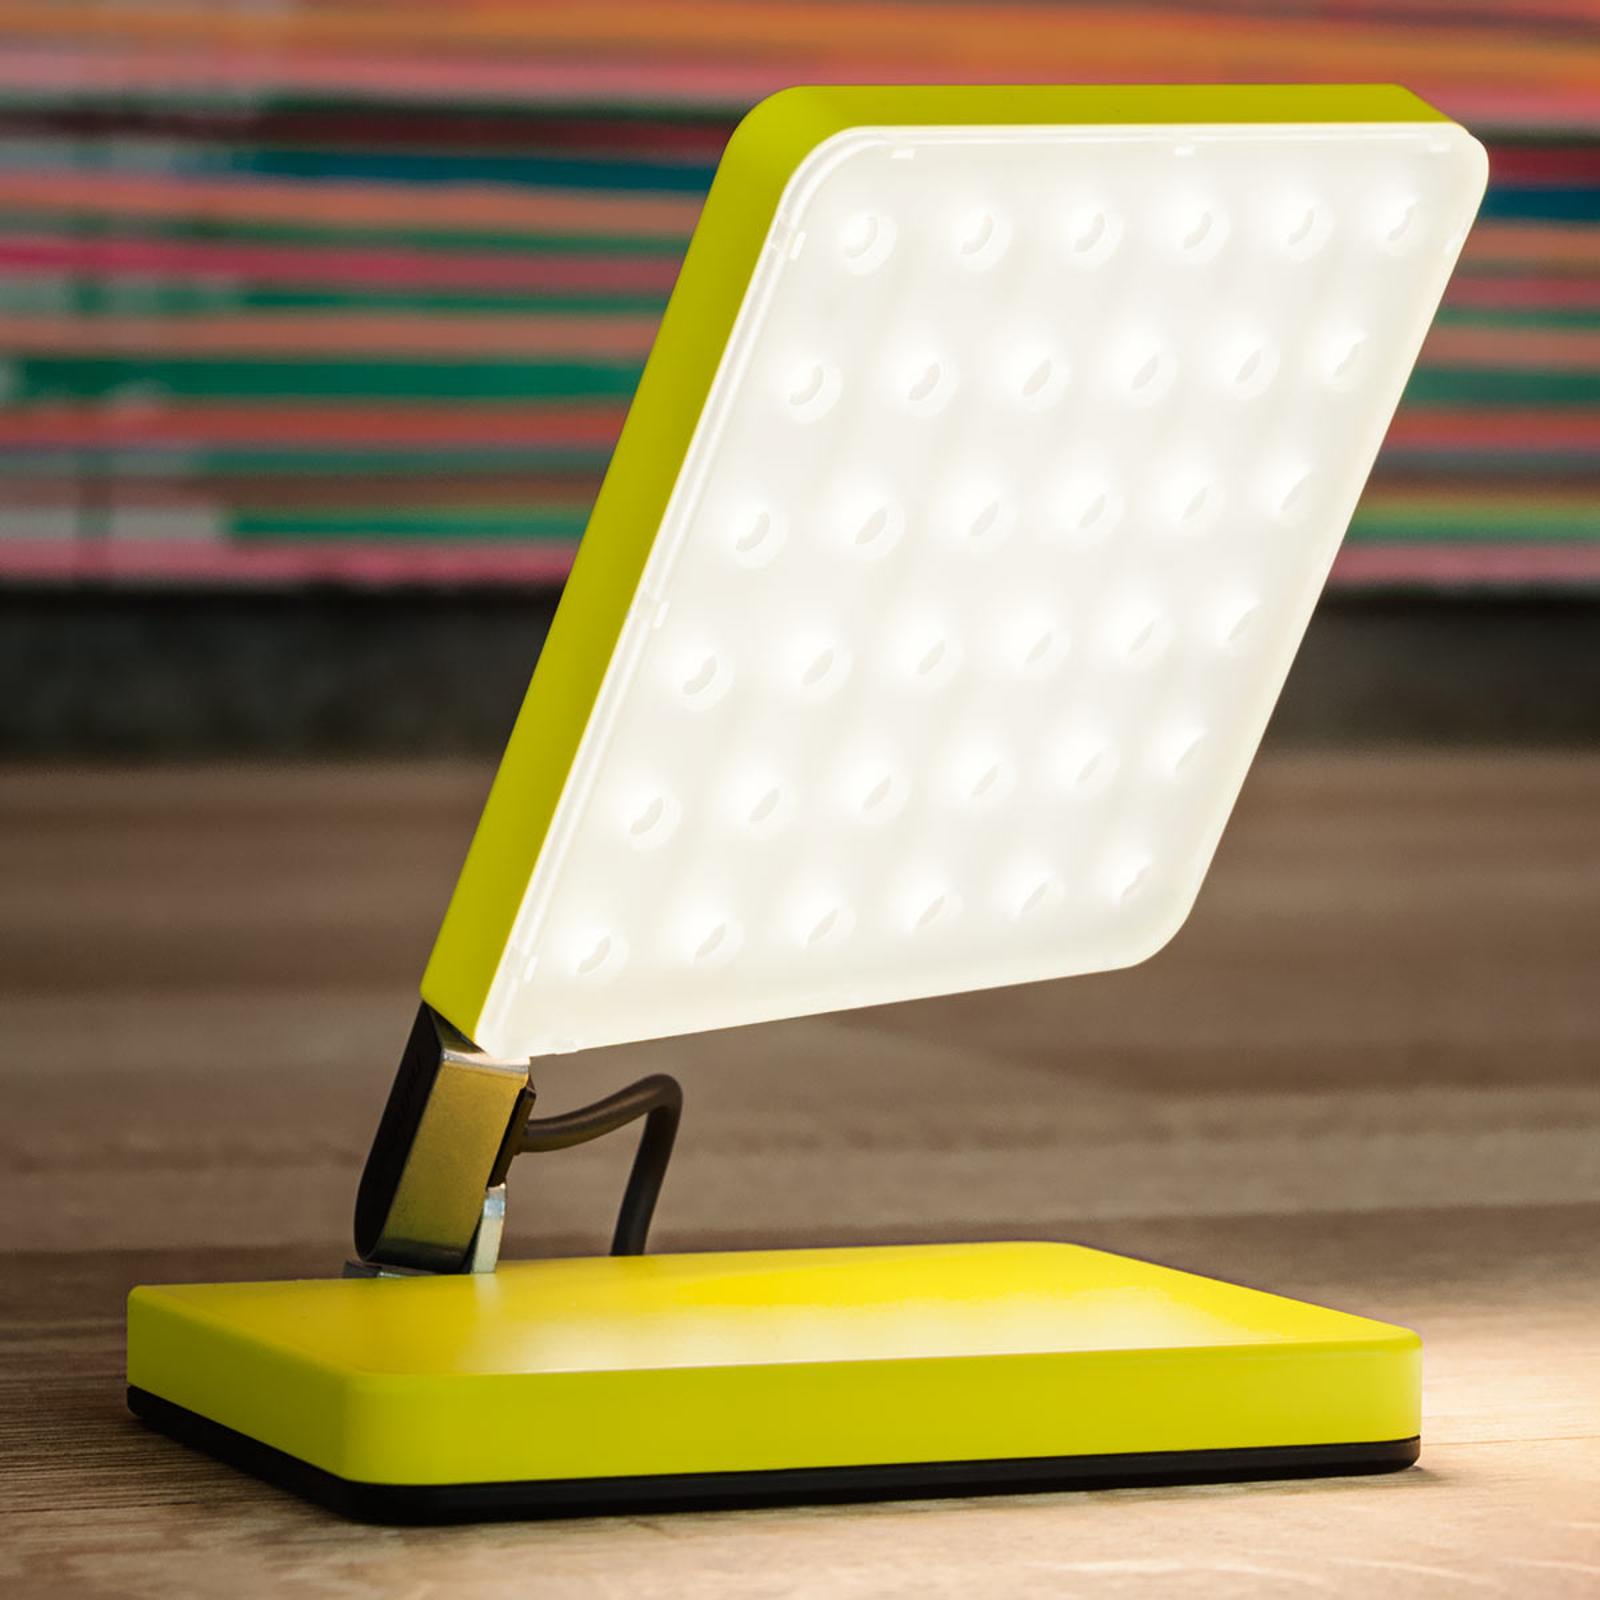 Nimbus Roxxane Fly LED-pöytävalaisin neonkeltainen